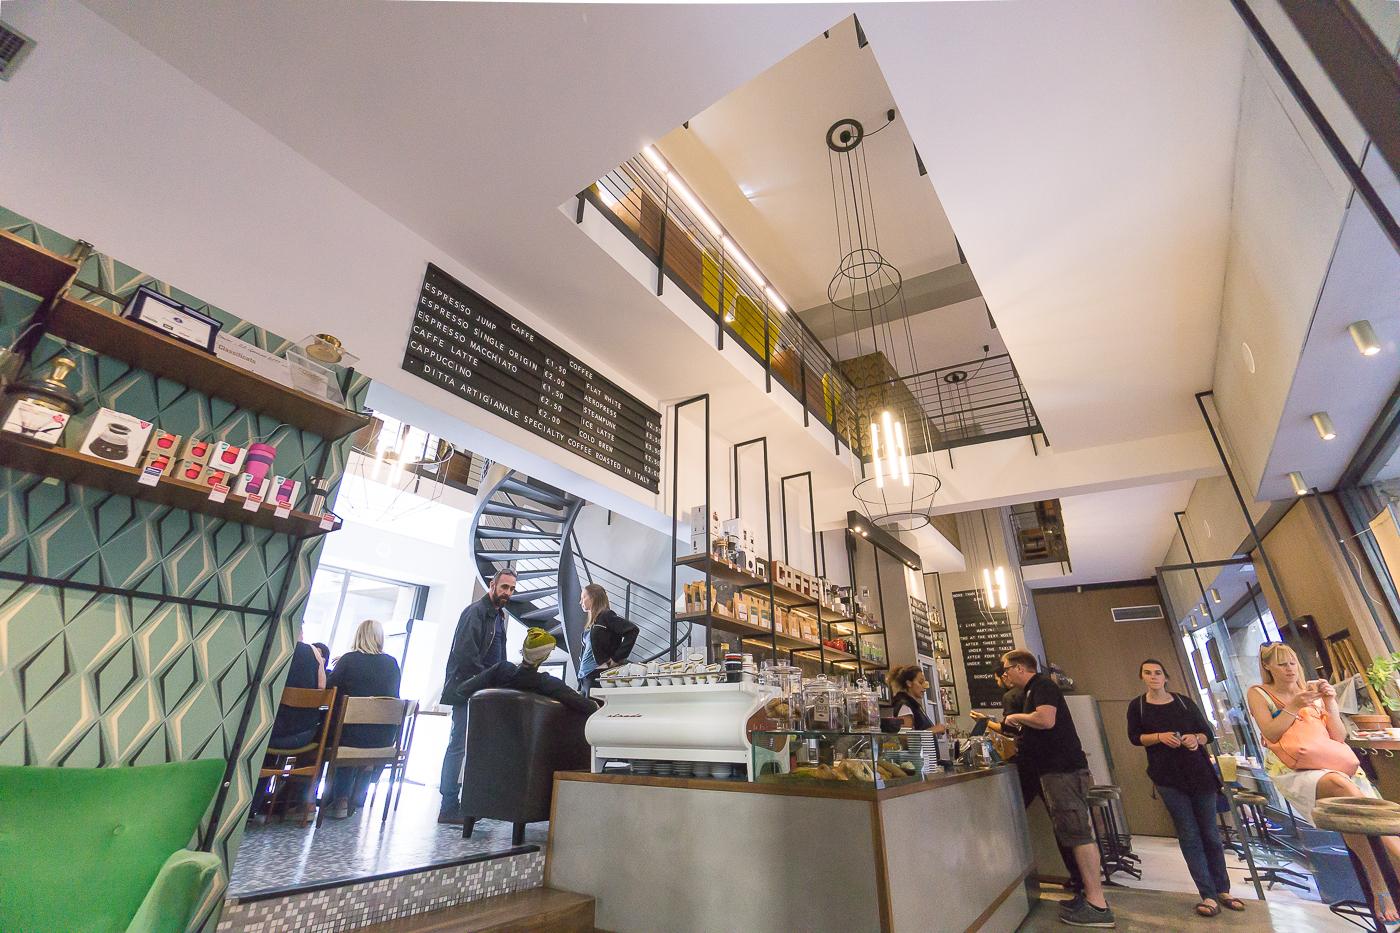 Meilleur café de Florence - Ditta Artigianale de Florence